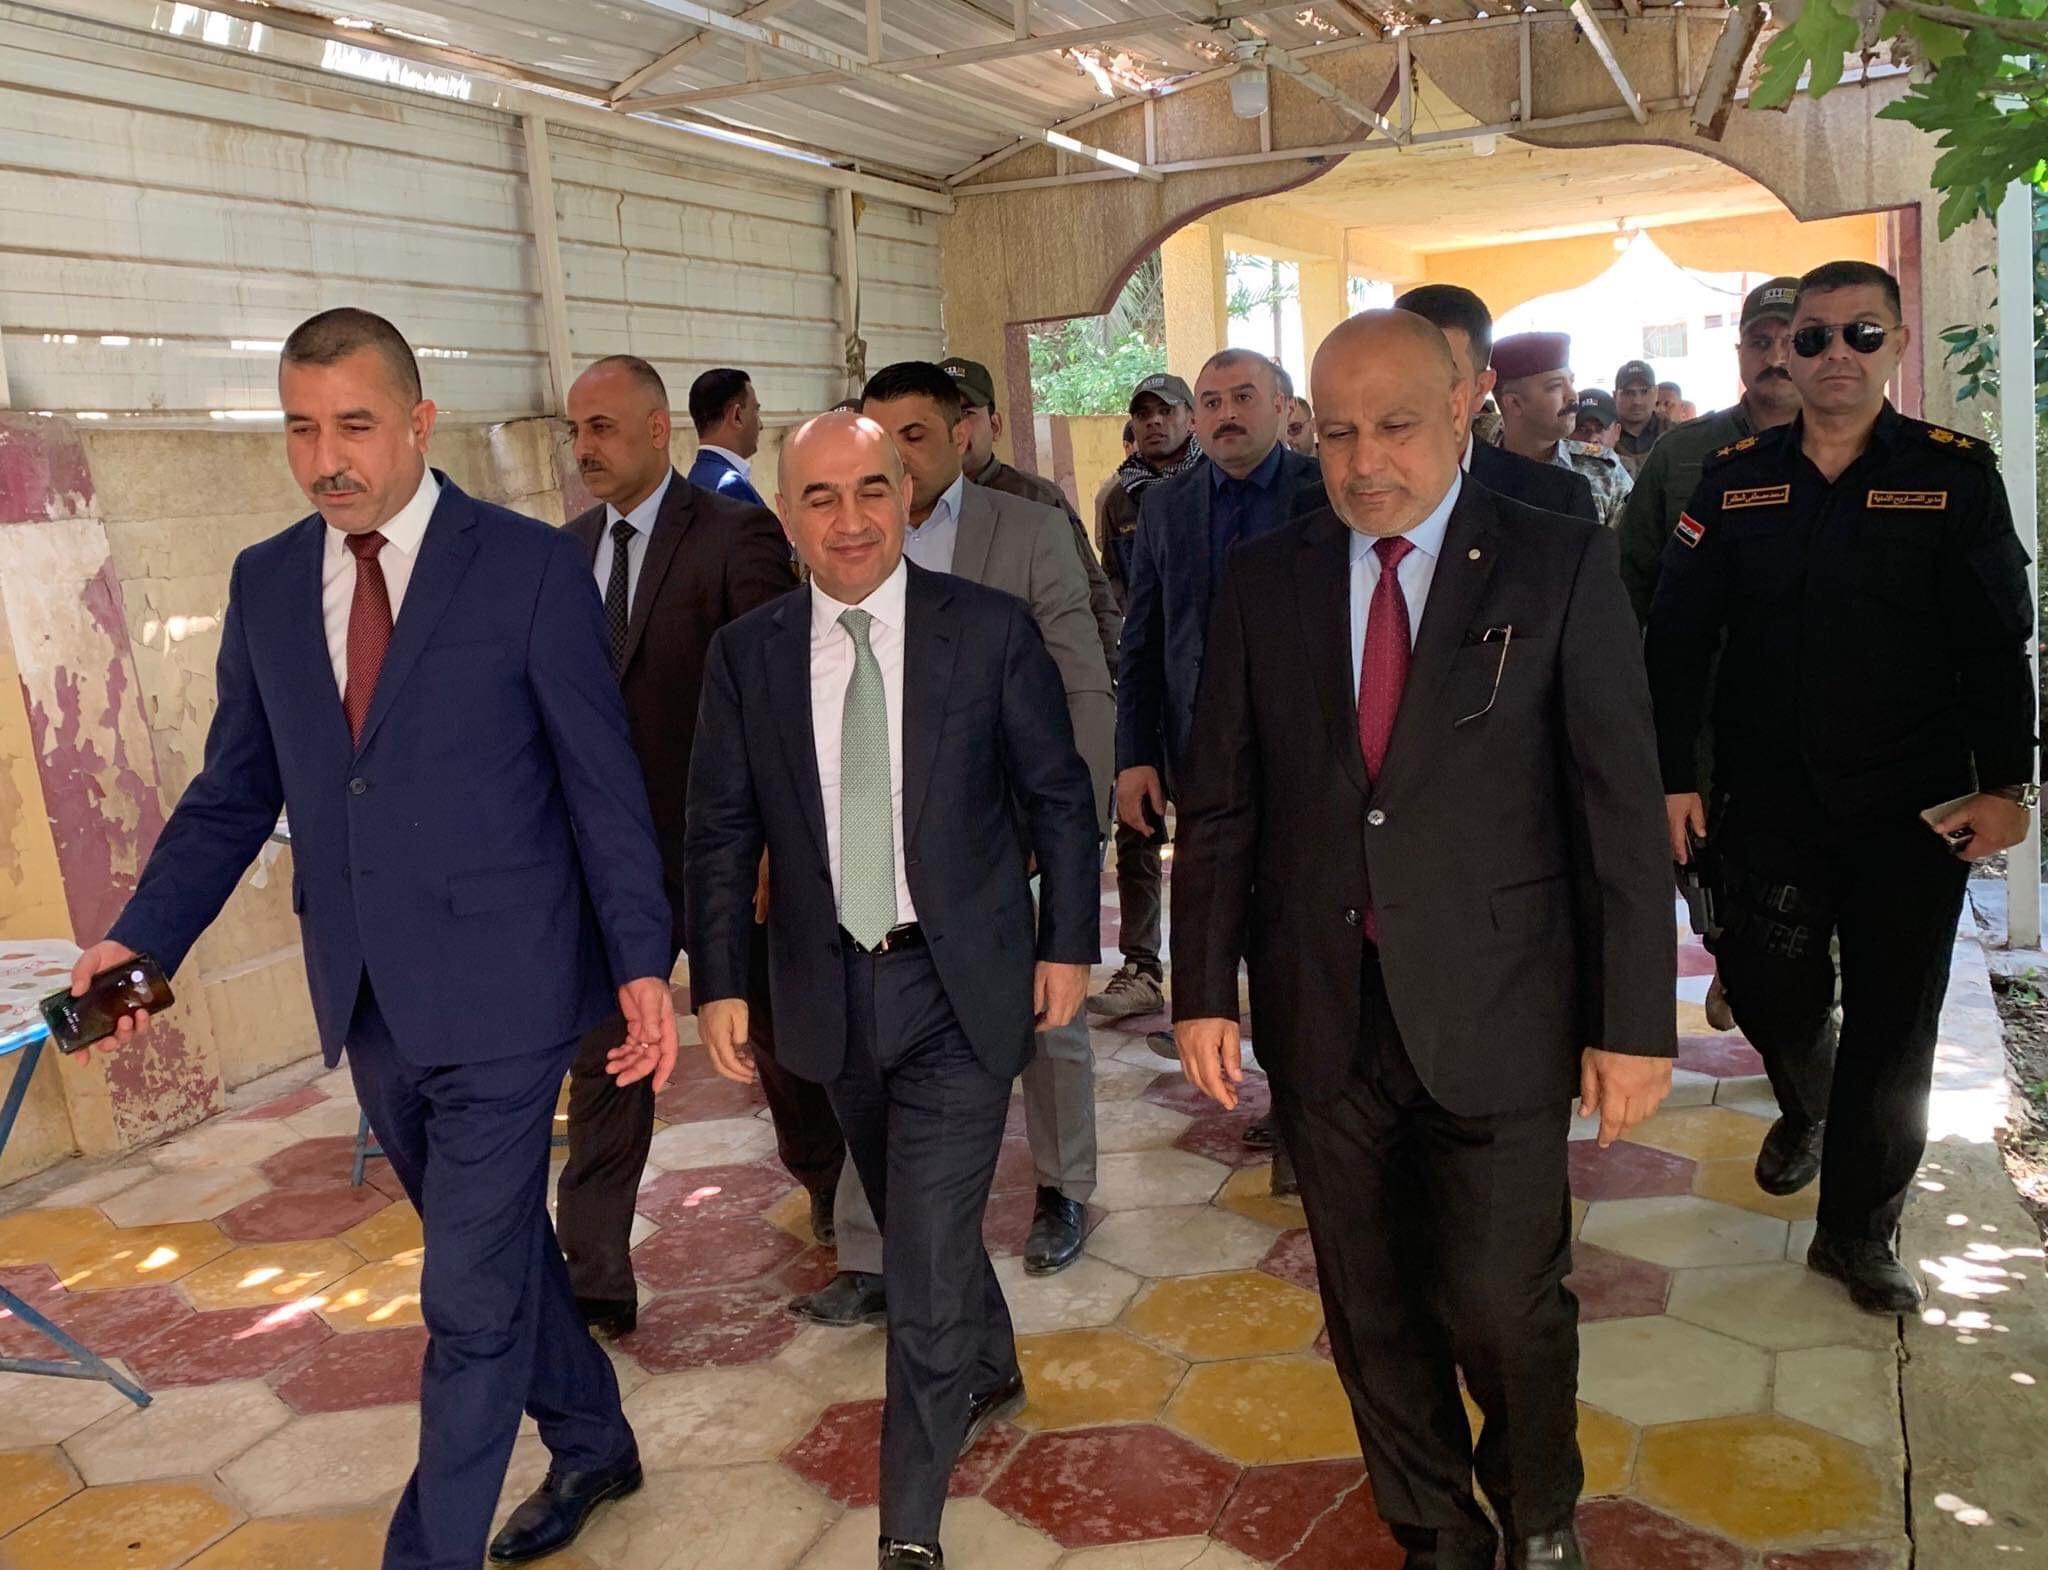 رئيس مجلس المحافظة يستقبل وزير الاعمار والاسكان والبلديات العامة والوفد المرافق له